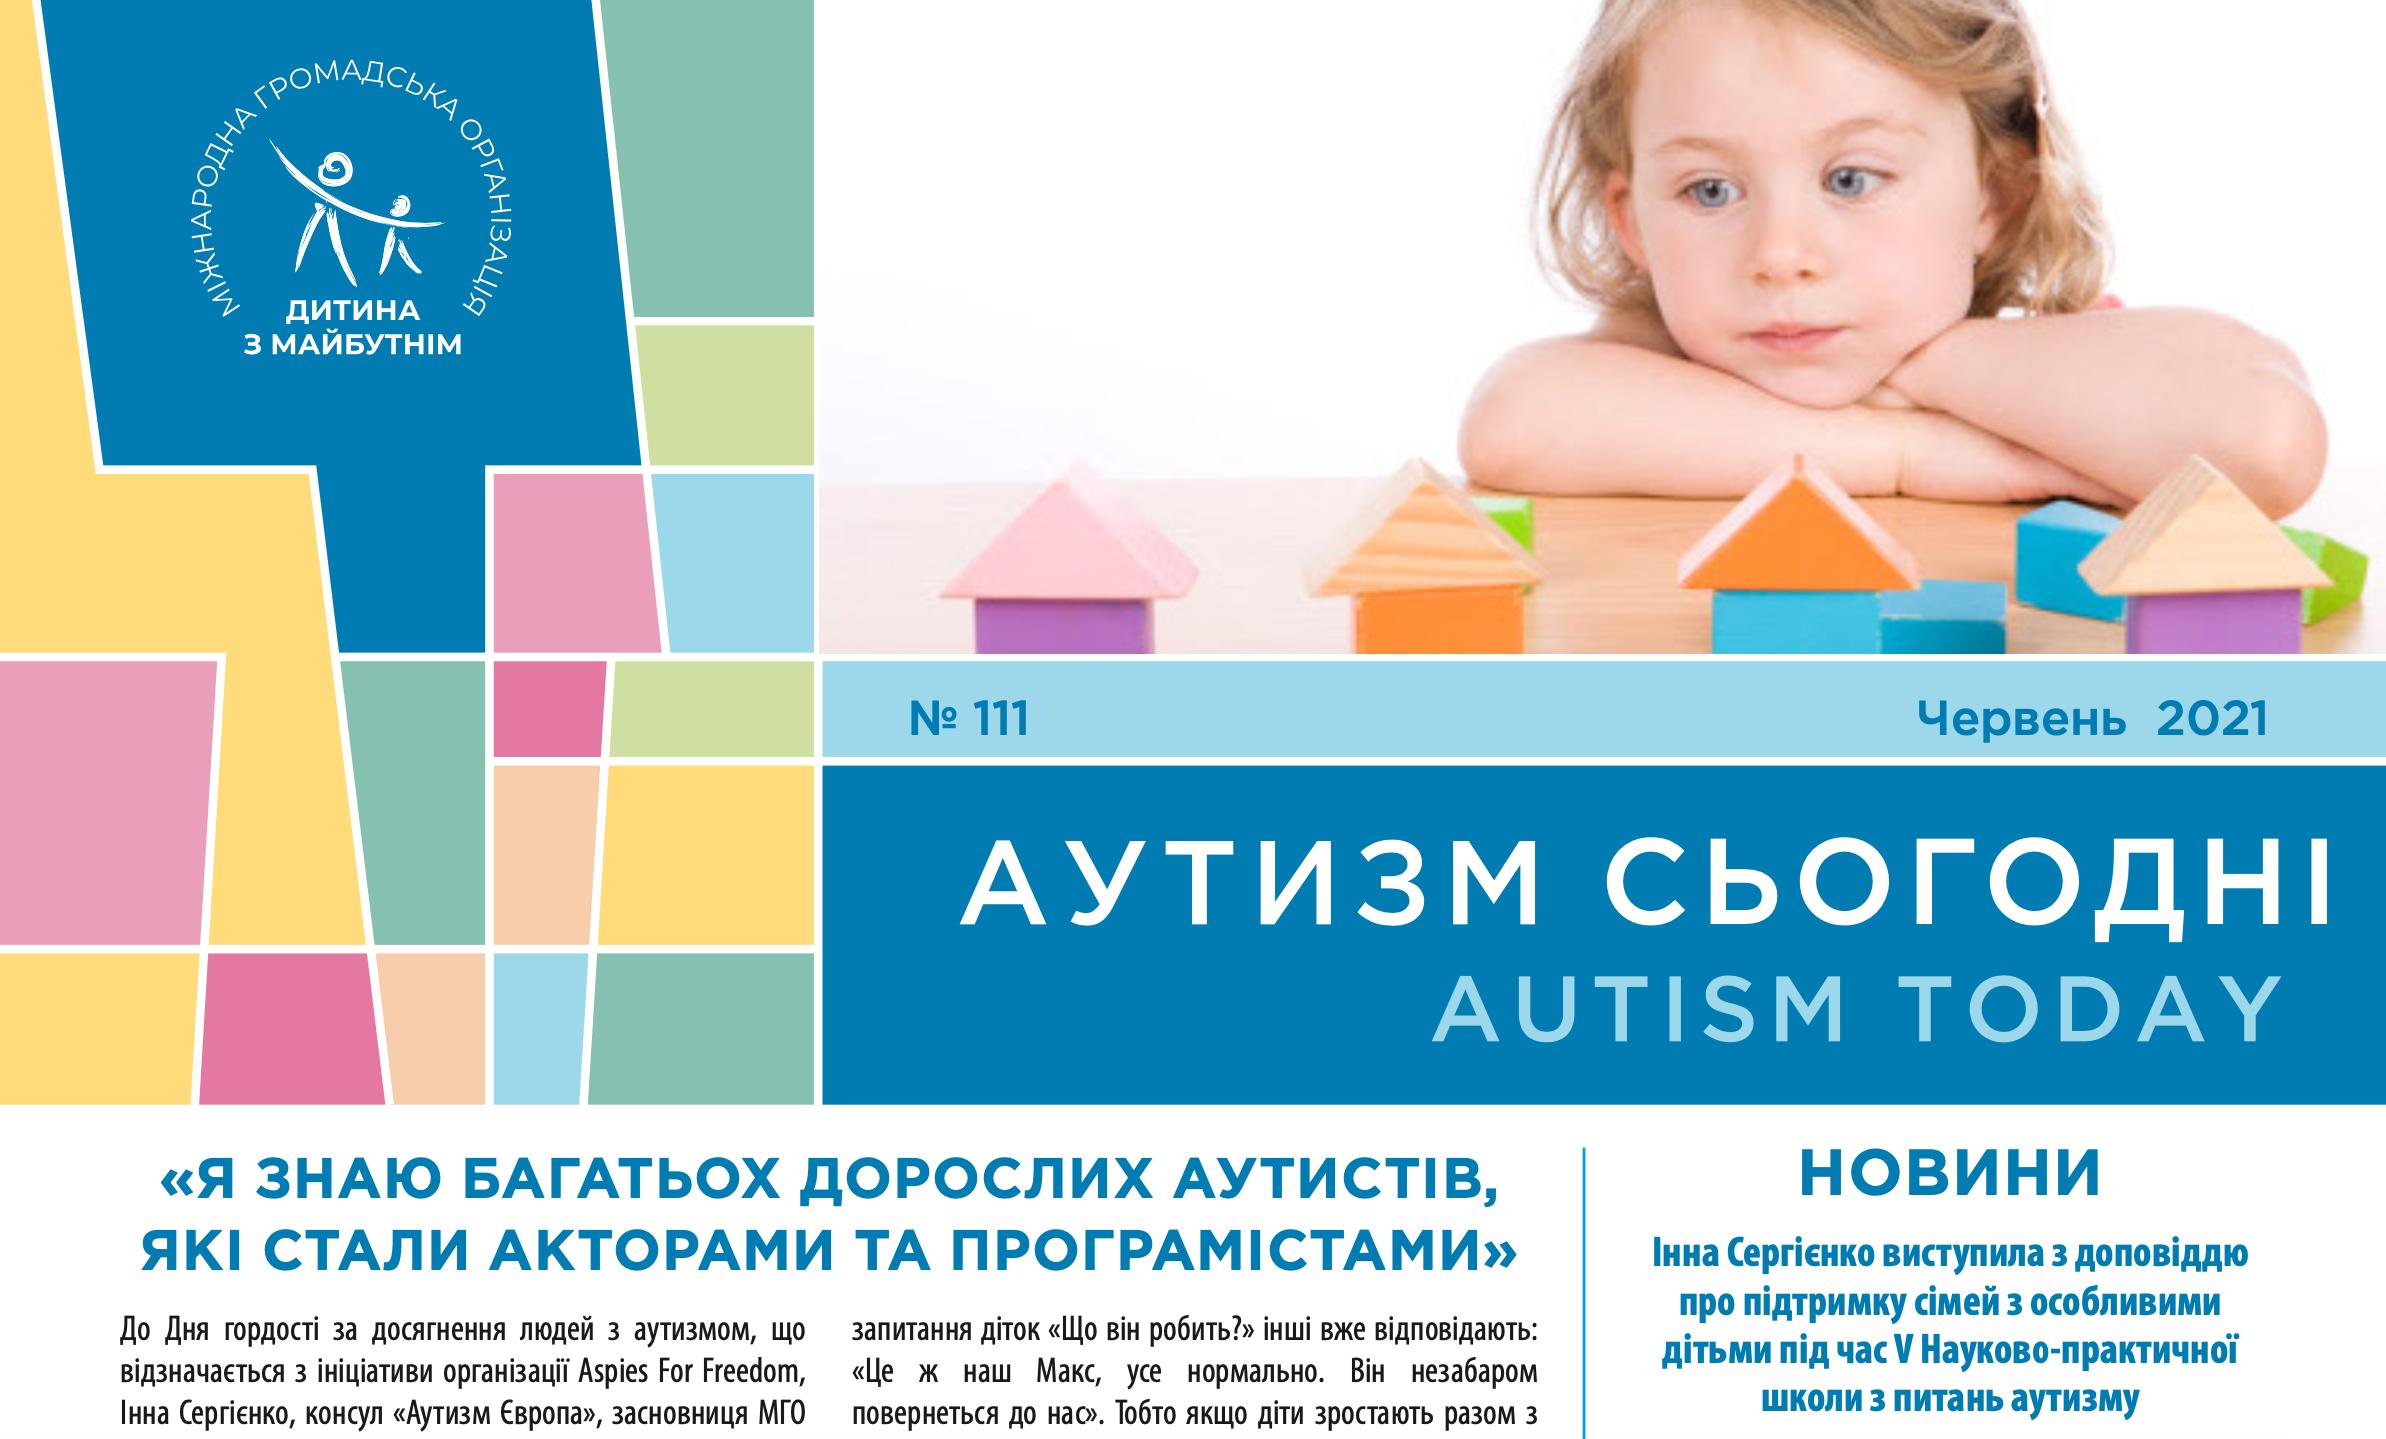 Интервью Инны Сергиенко ко Дню гордости, лекция о переходе ребенка в новую школу и история журналистки с РАС — на страницах июньского «Аутизм сегодня»